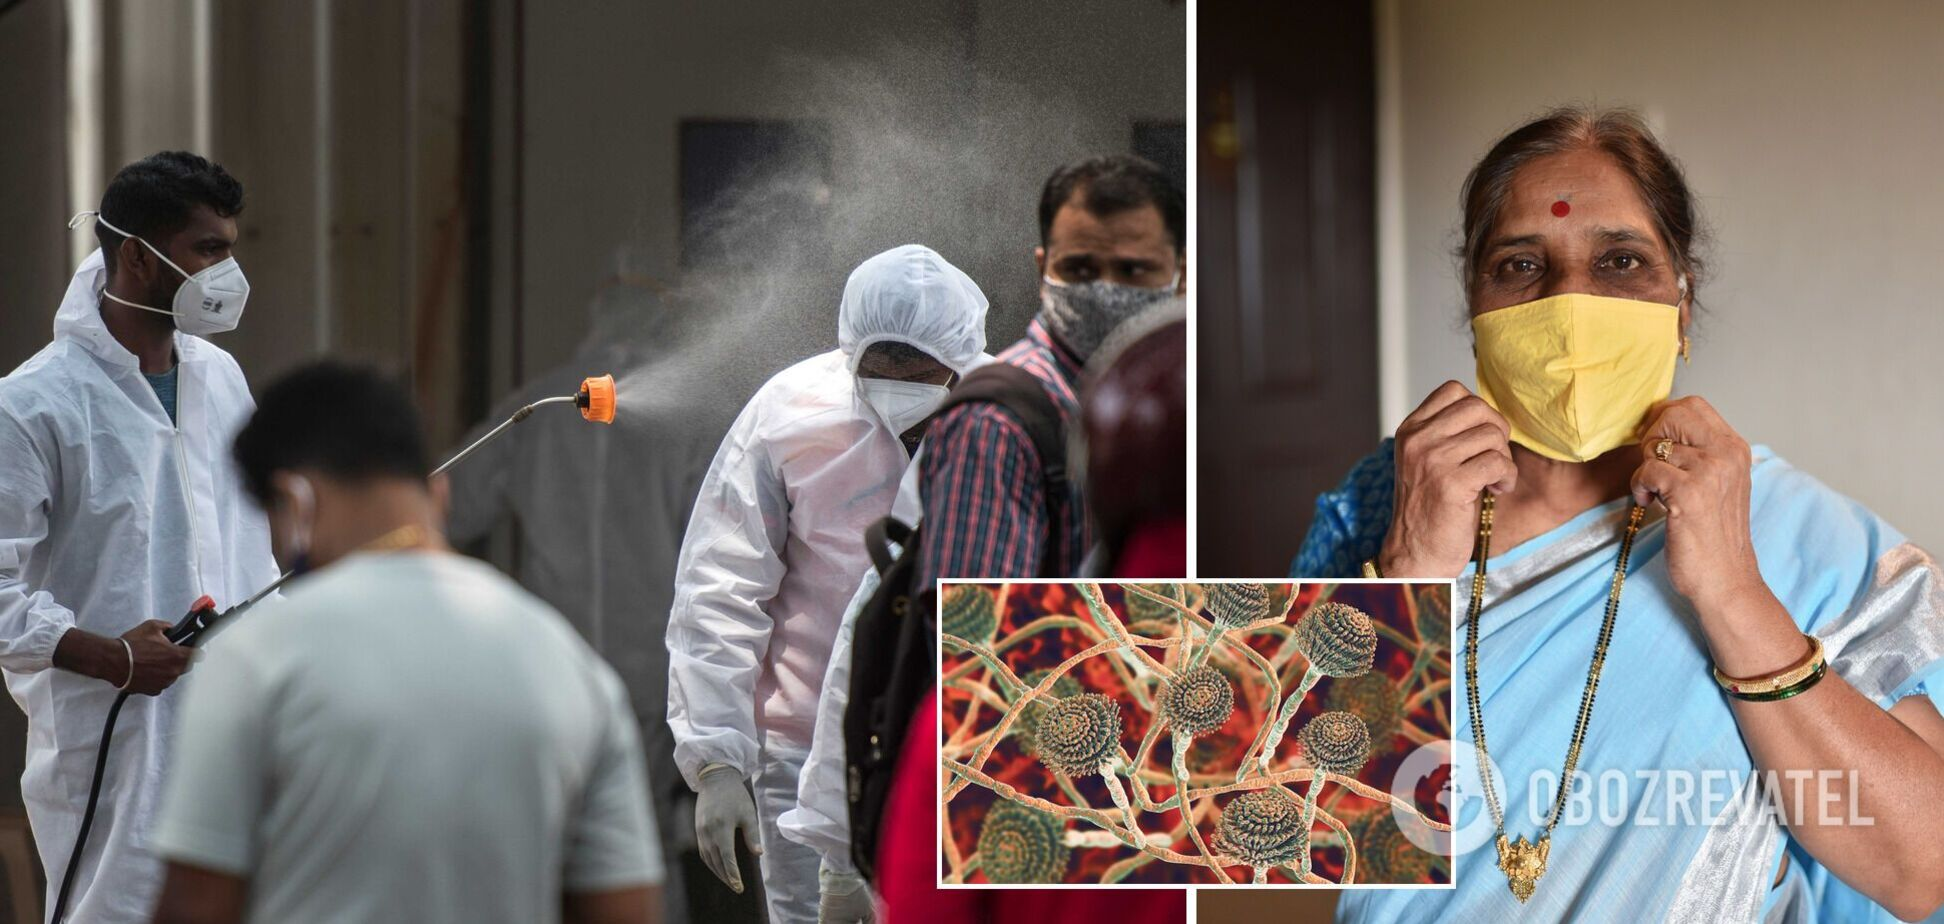 В Индии у переболевших COVID-19 врачи выявили редкий 'черный грибок'